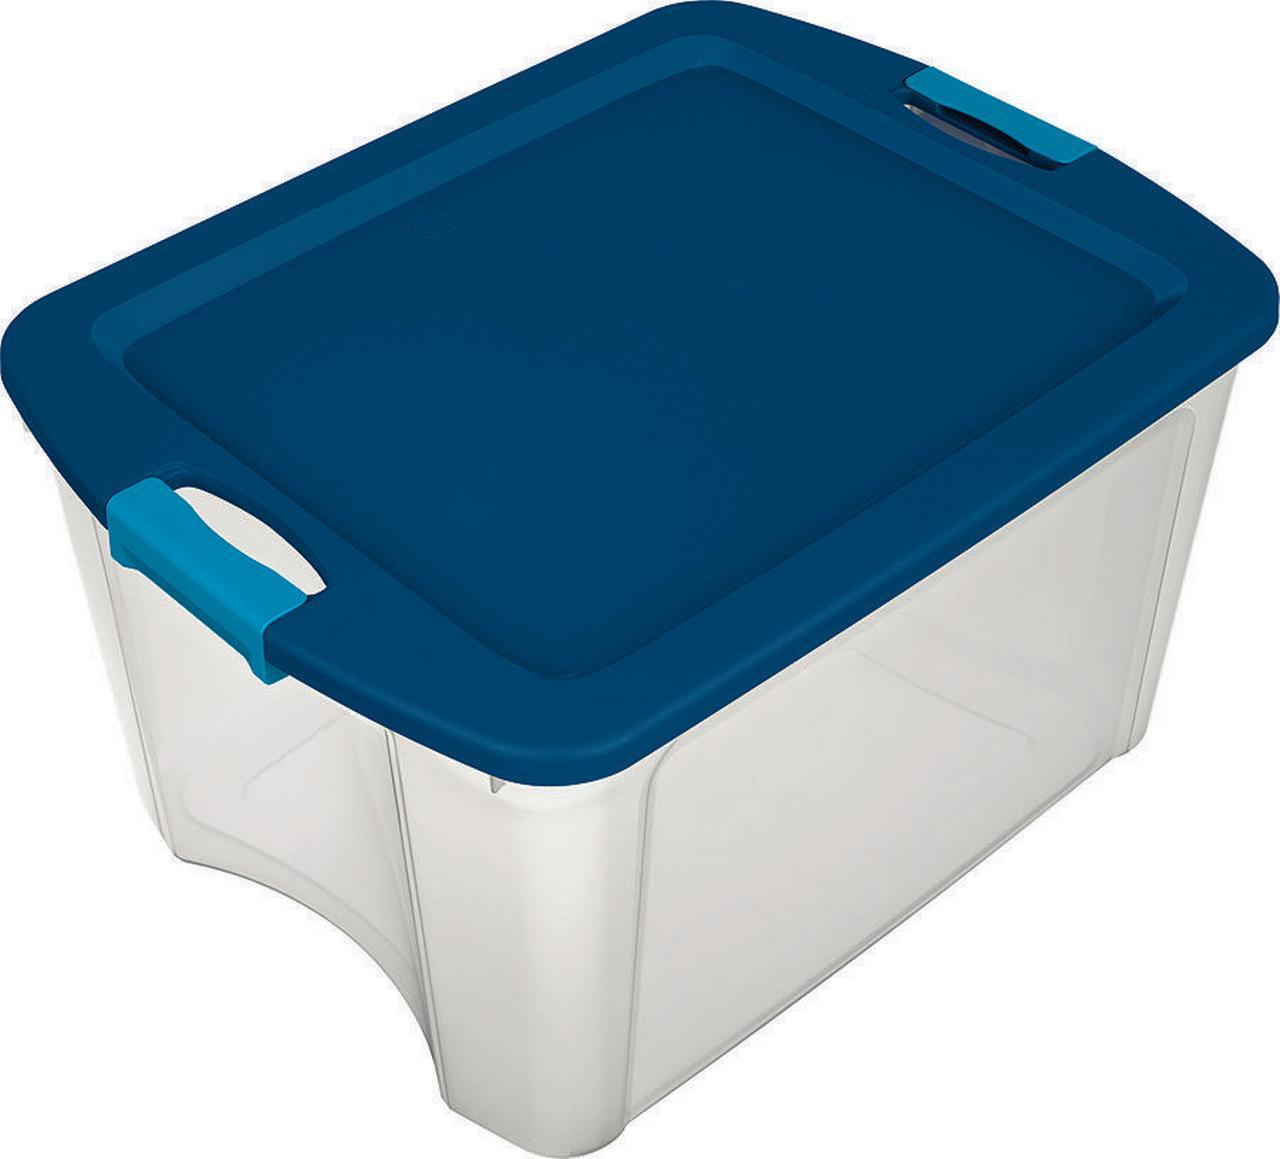 New Sterilite 14469606 18 Gallon Latch and Carry Storage Tote Box Container